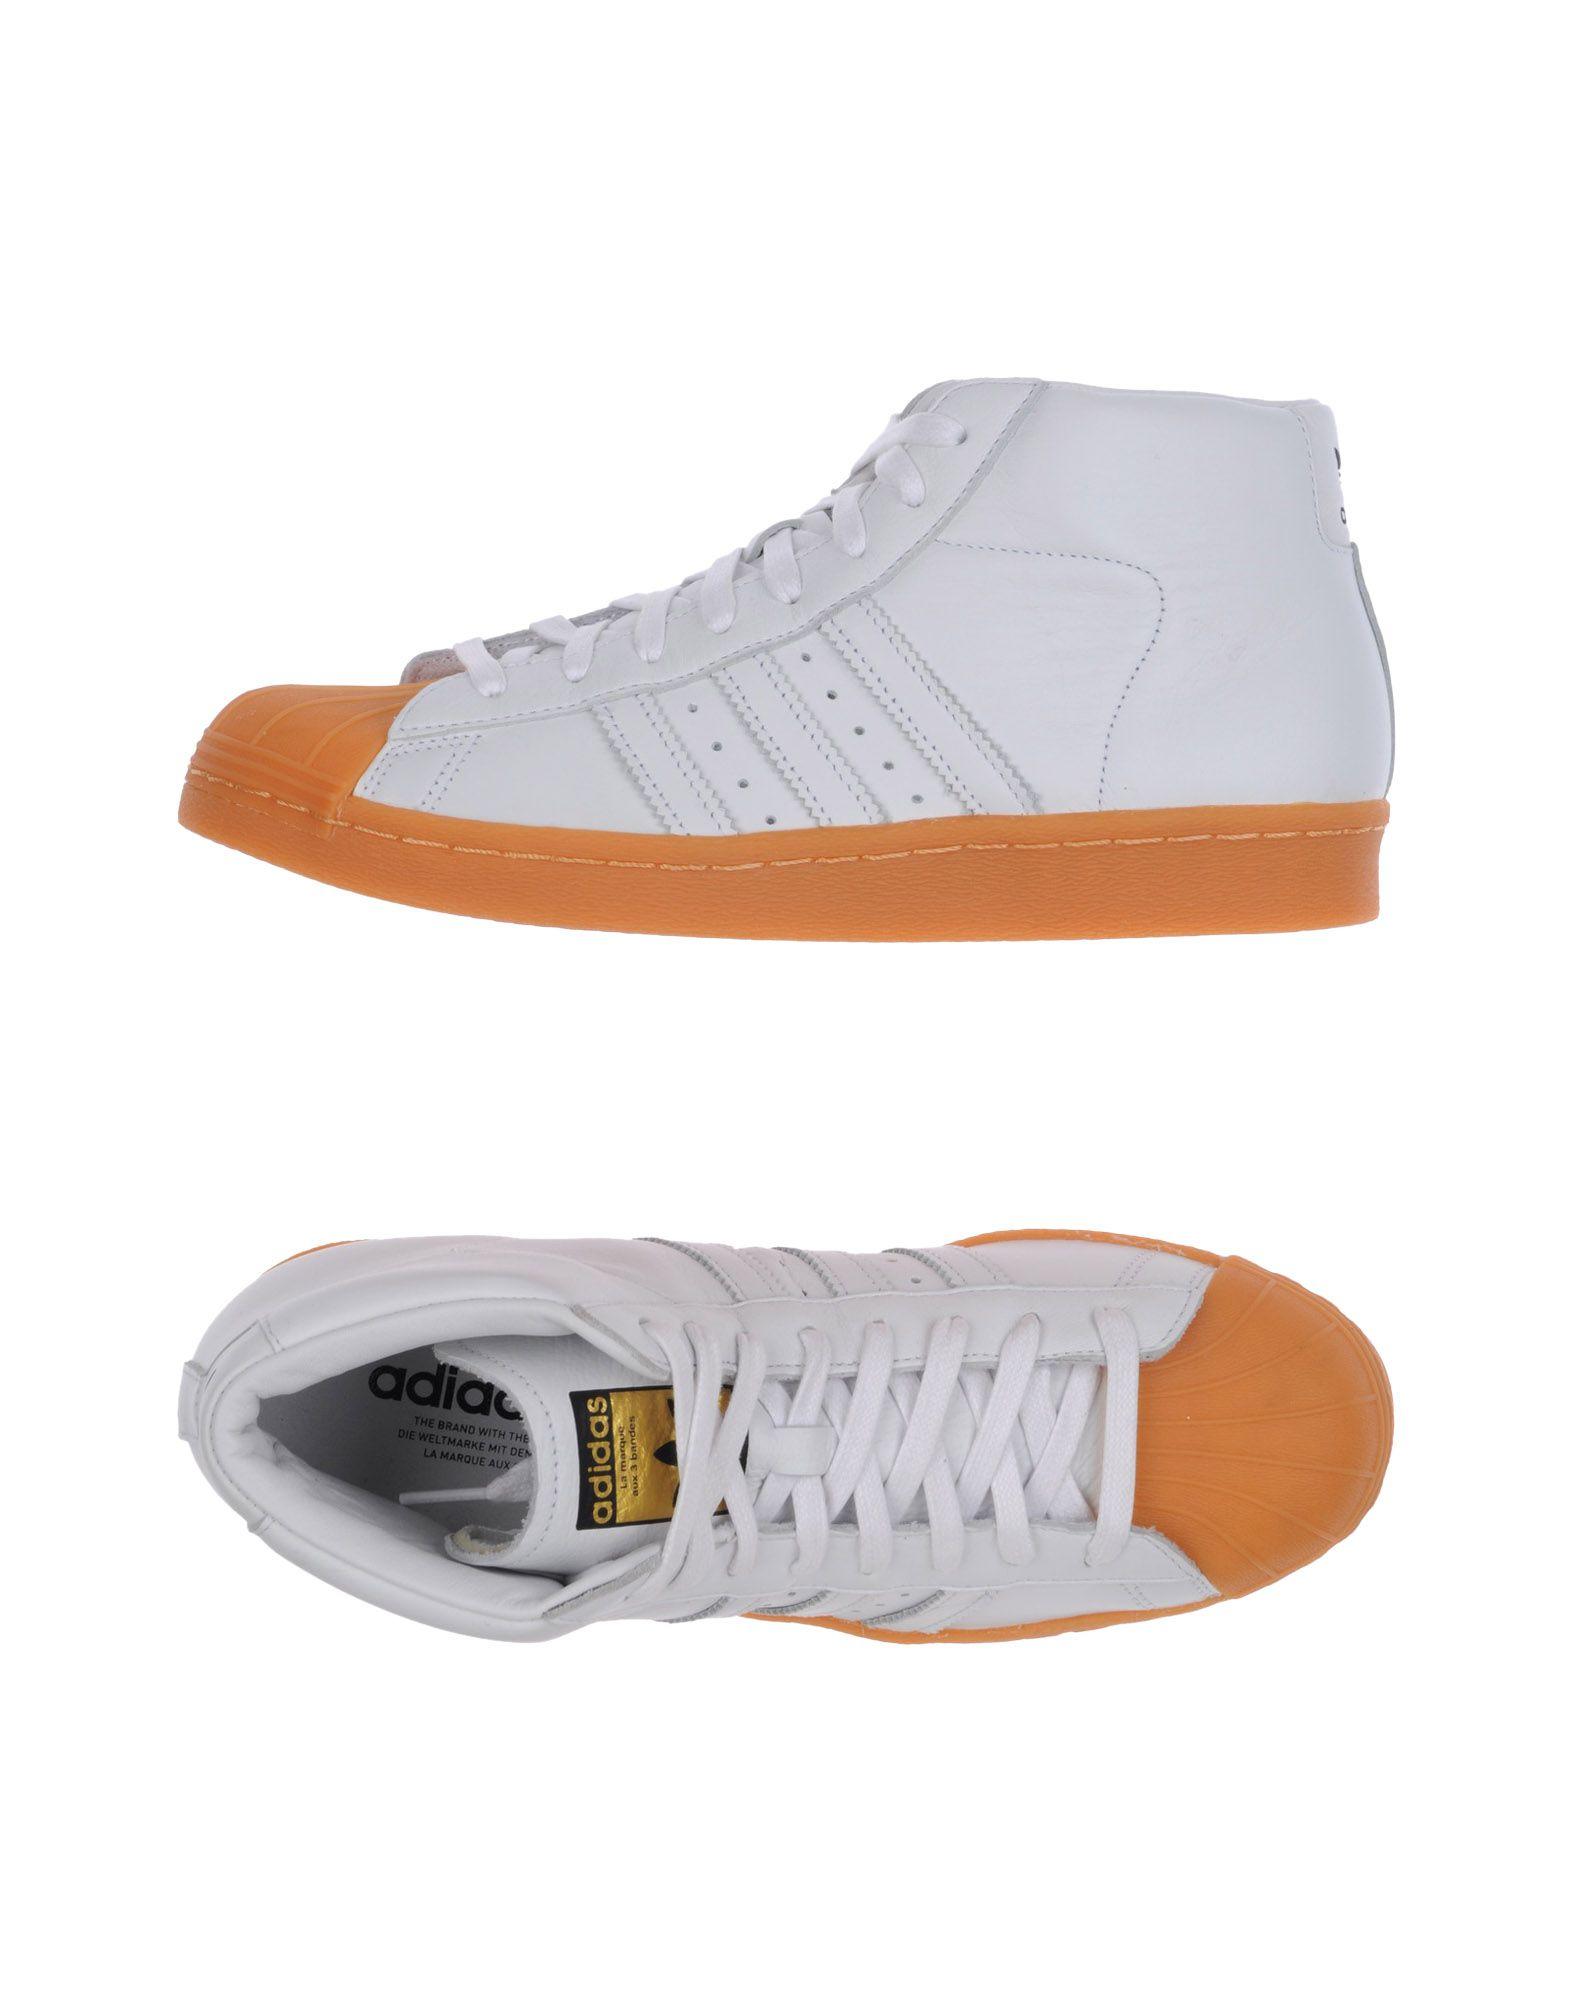 Scarpe Uomo da Ginnastica Adidas Originals Uomo Scarpe - 11306069AX fe849d